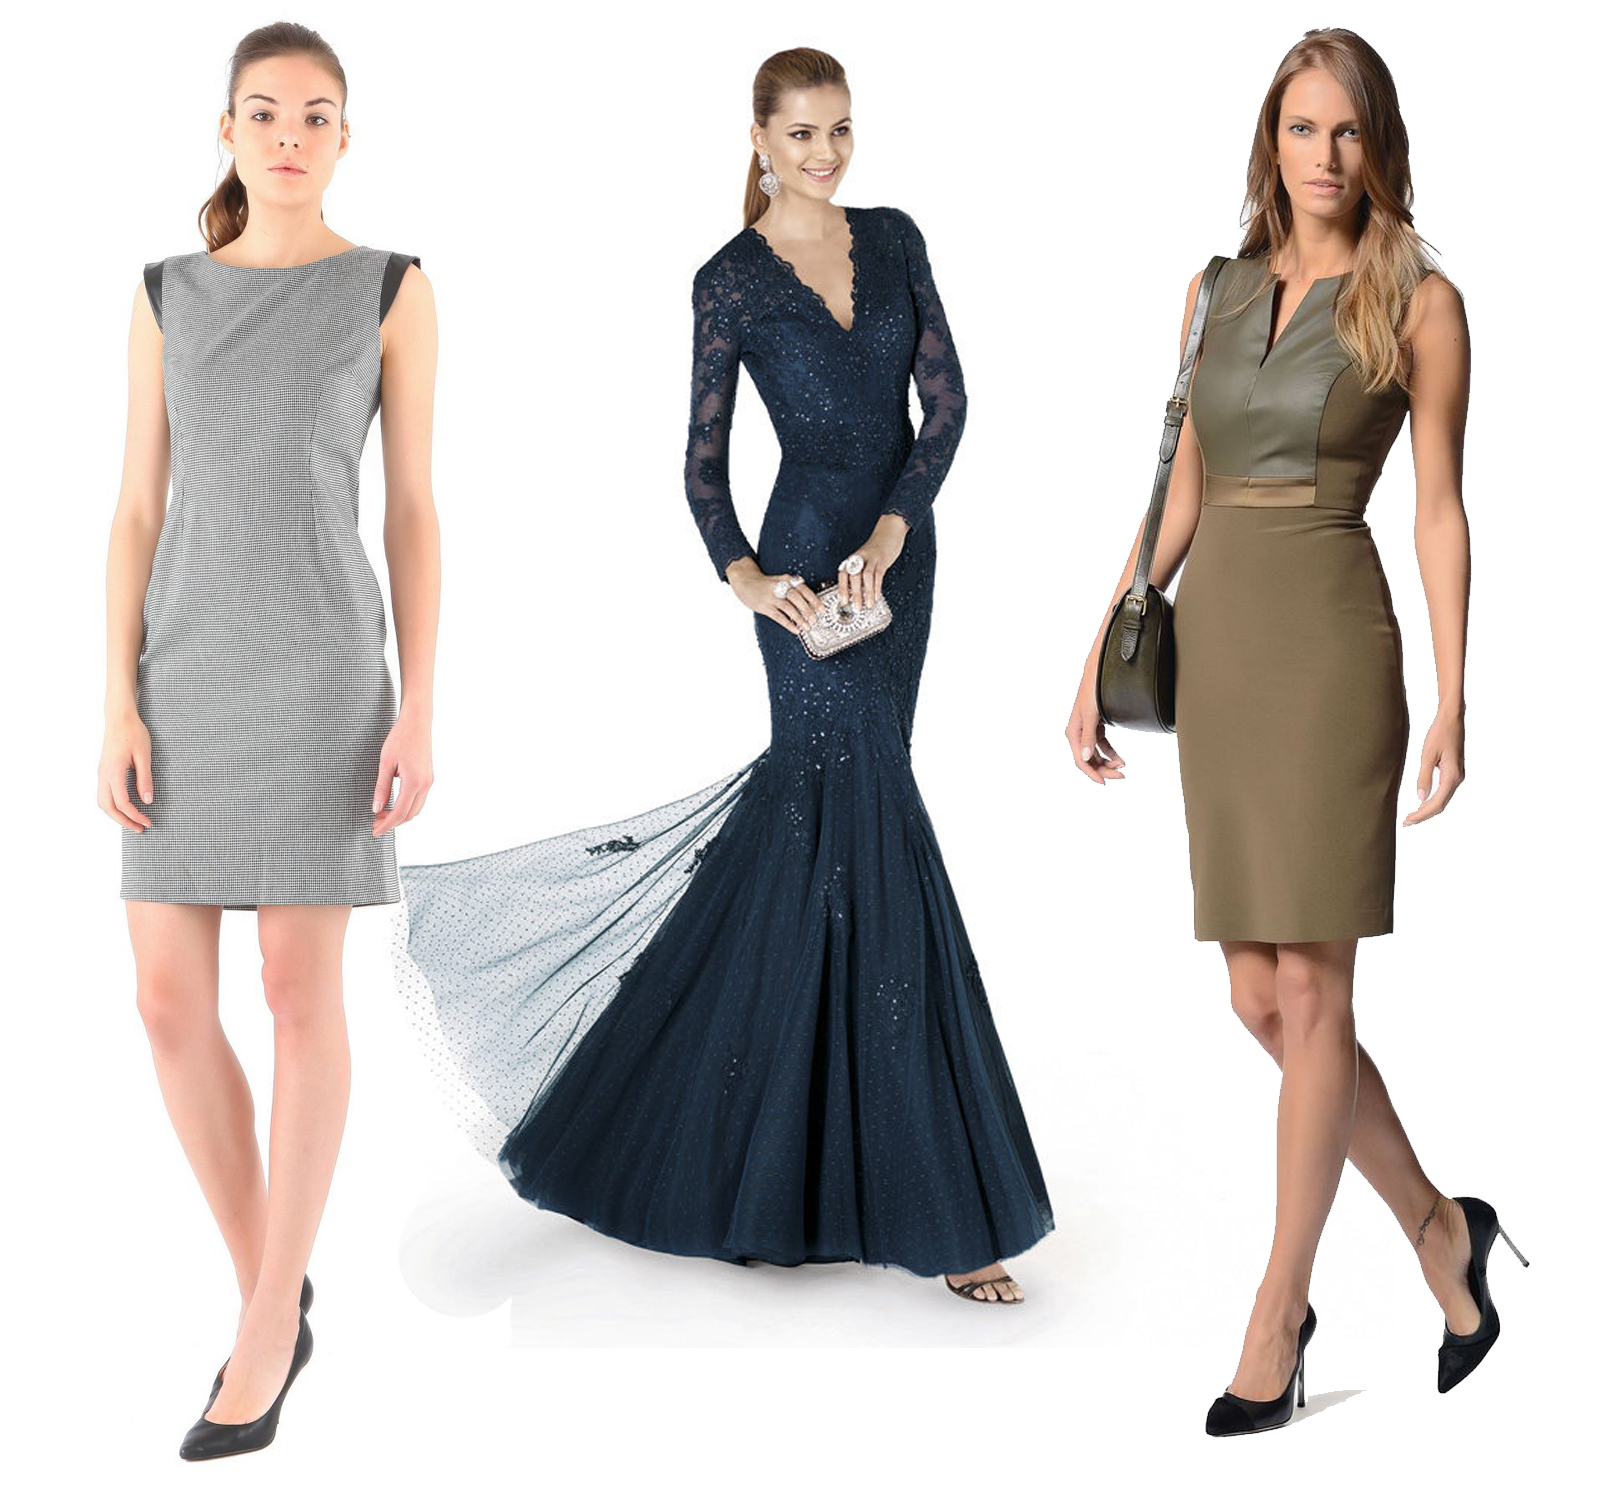 Kıyafetlerle Zayıf Görünmenin Yolları